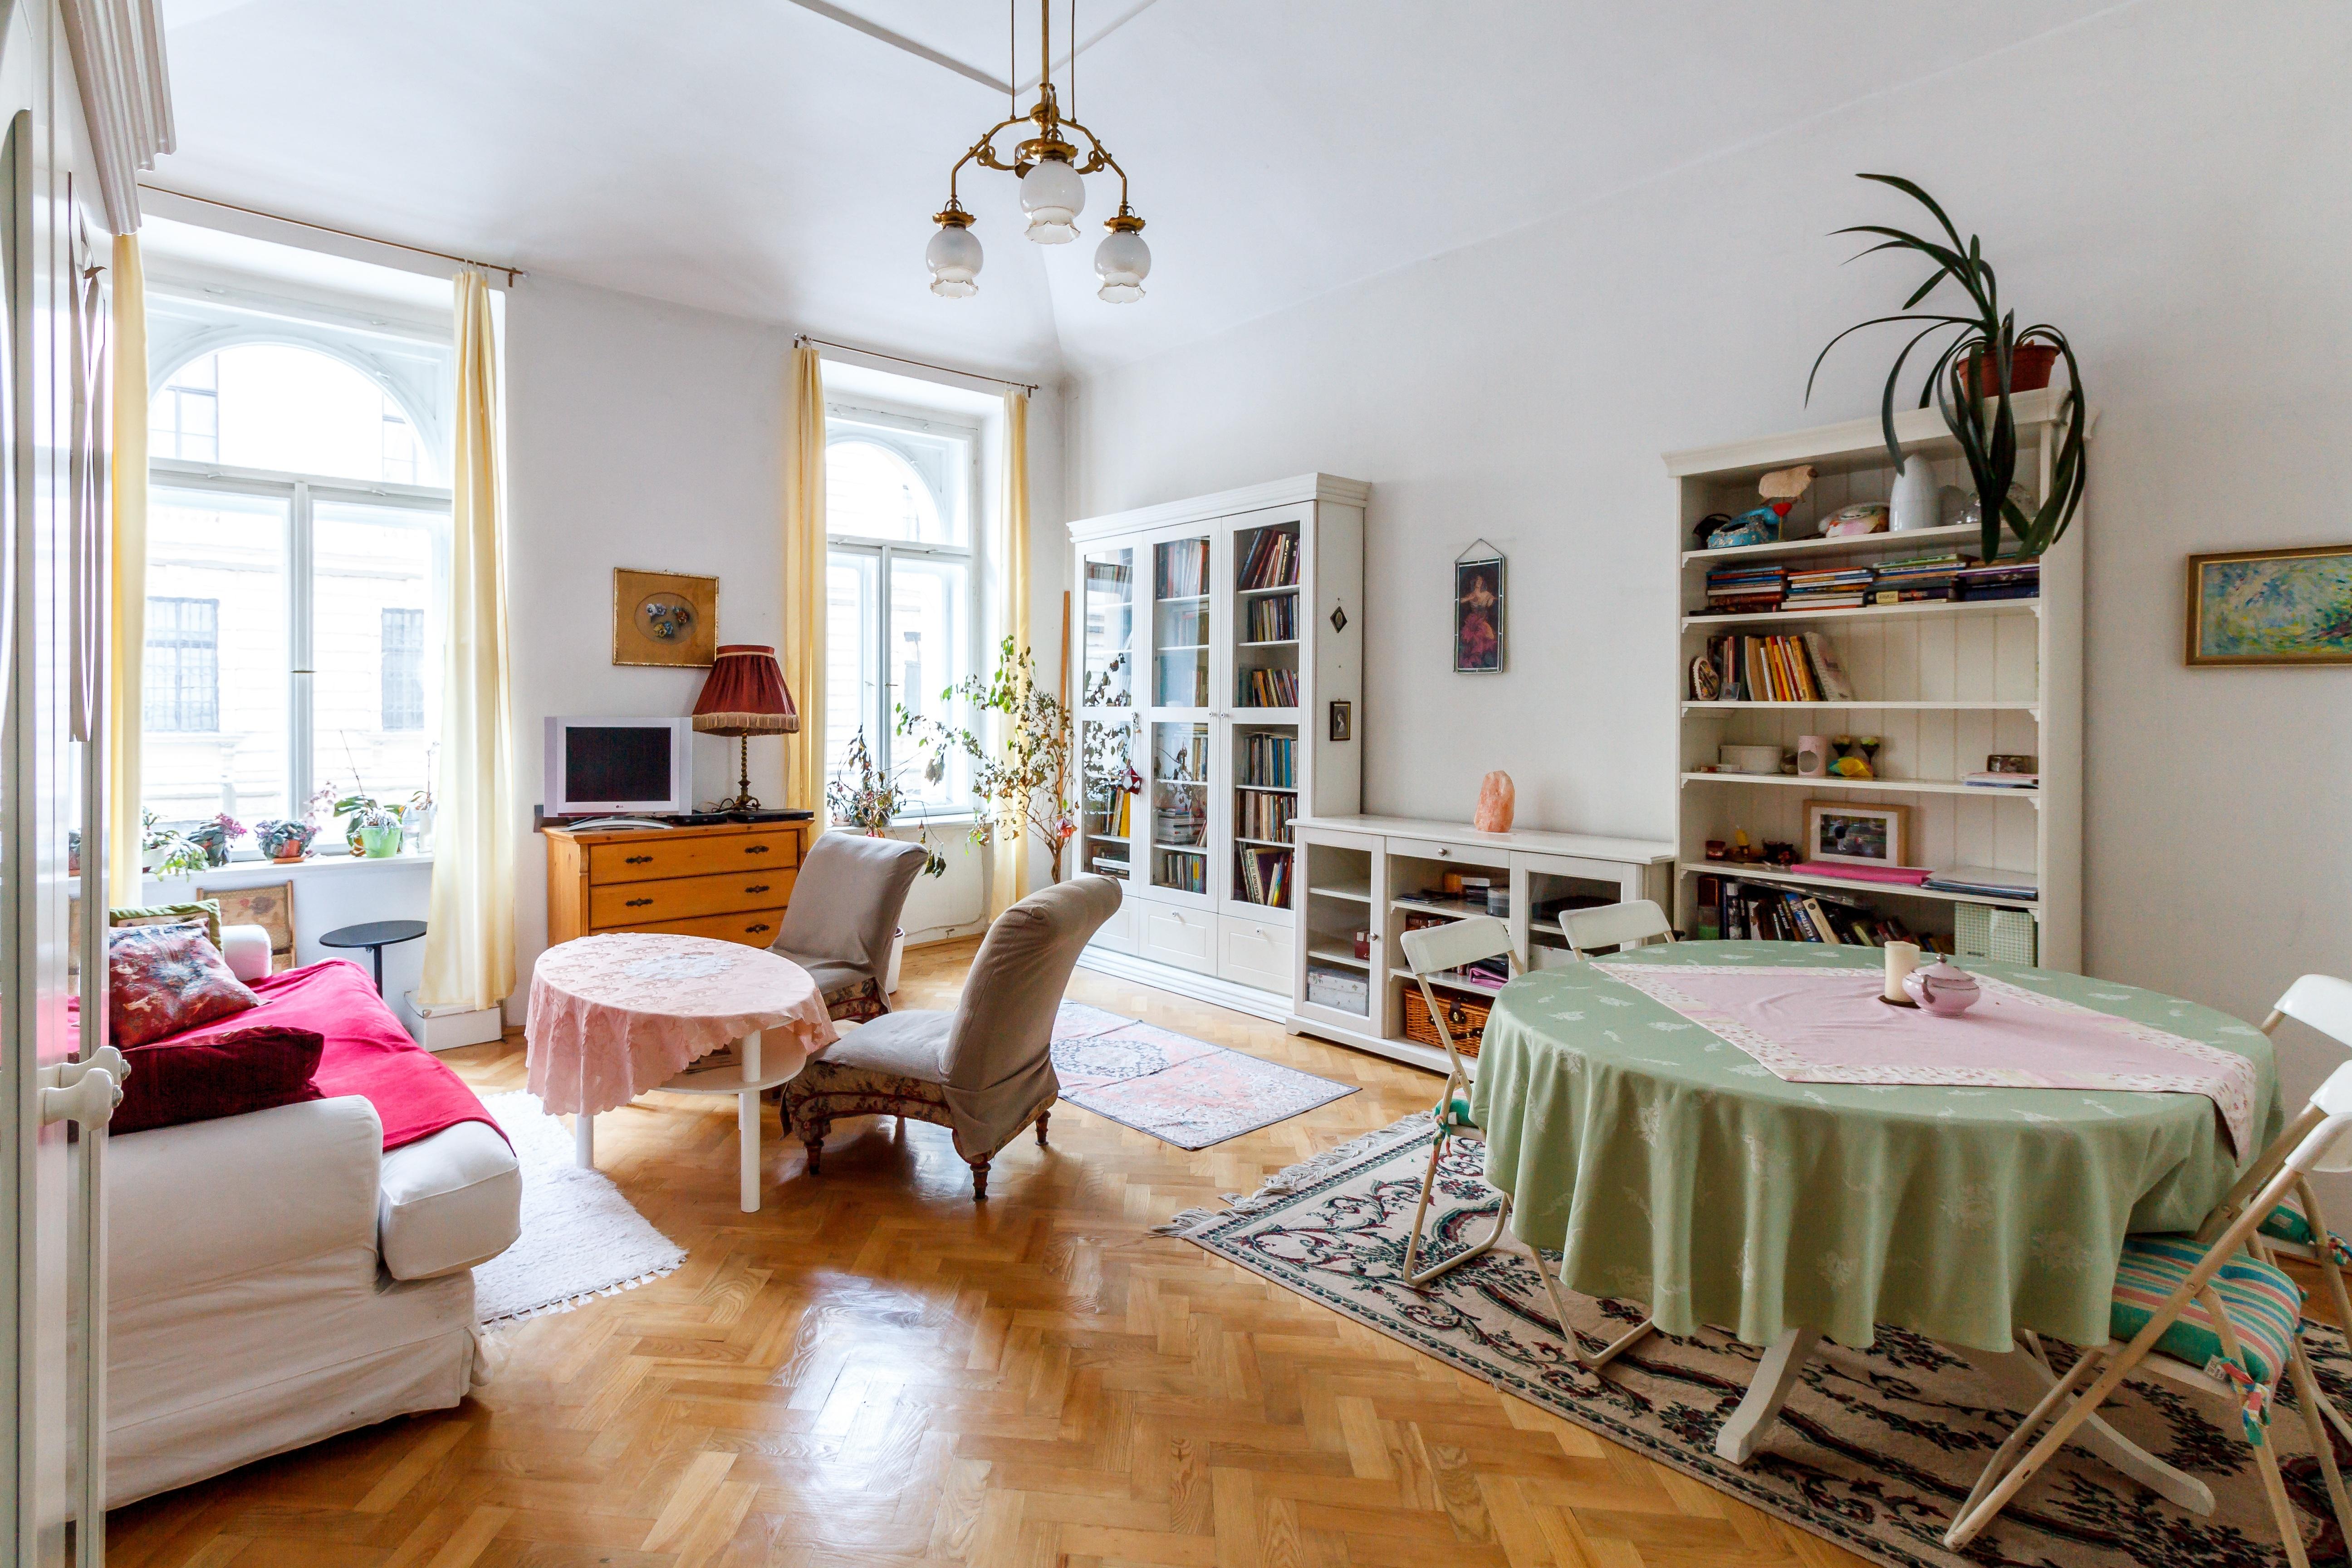 Floor Interior Home Cottage Property Living Room Residential Apartment Design Hardwood Farmhouse Estate Condominium